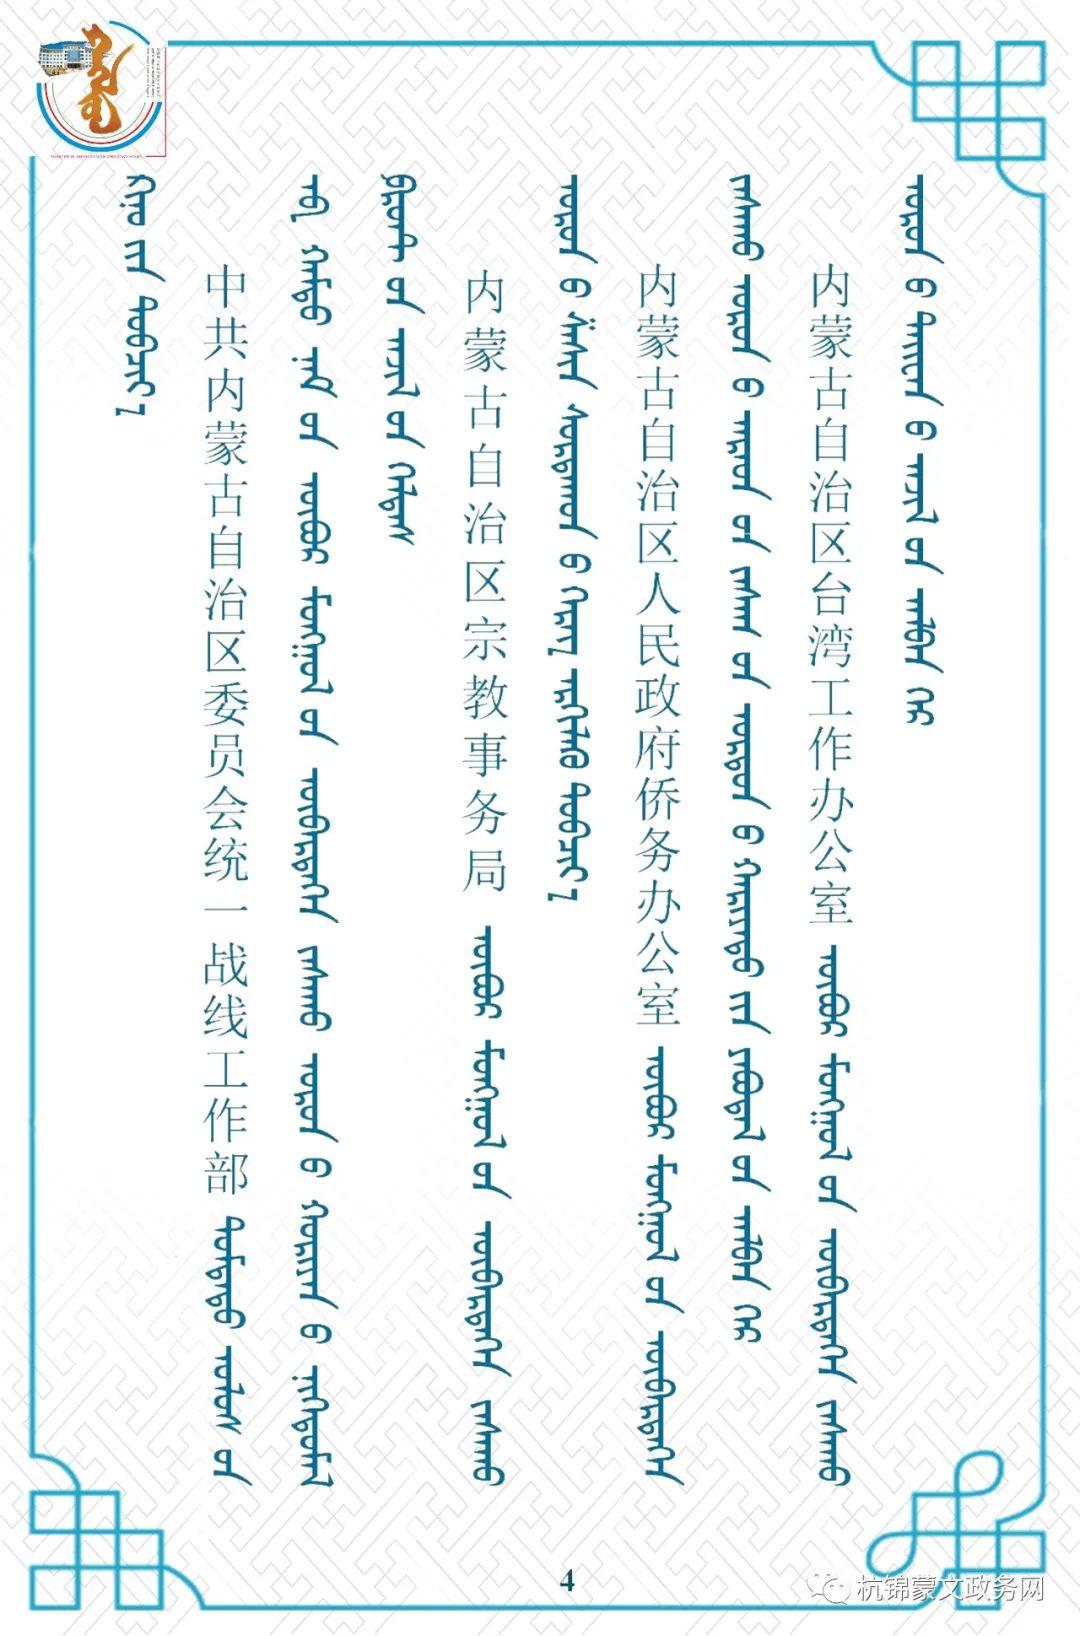 内蒙古自治区委员会机构设置蒙汉对照 第4张 内蒙古自治区委员会机构设置蒙汉对照 蒙古文库